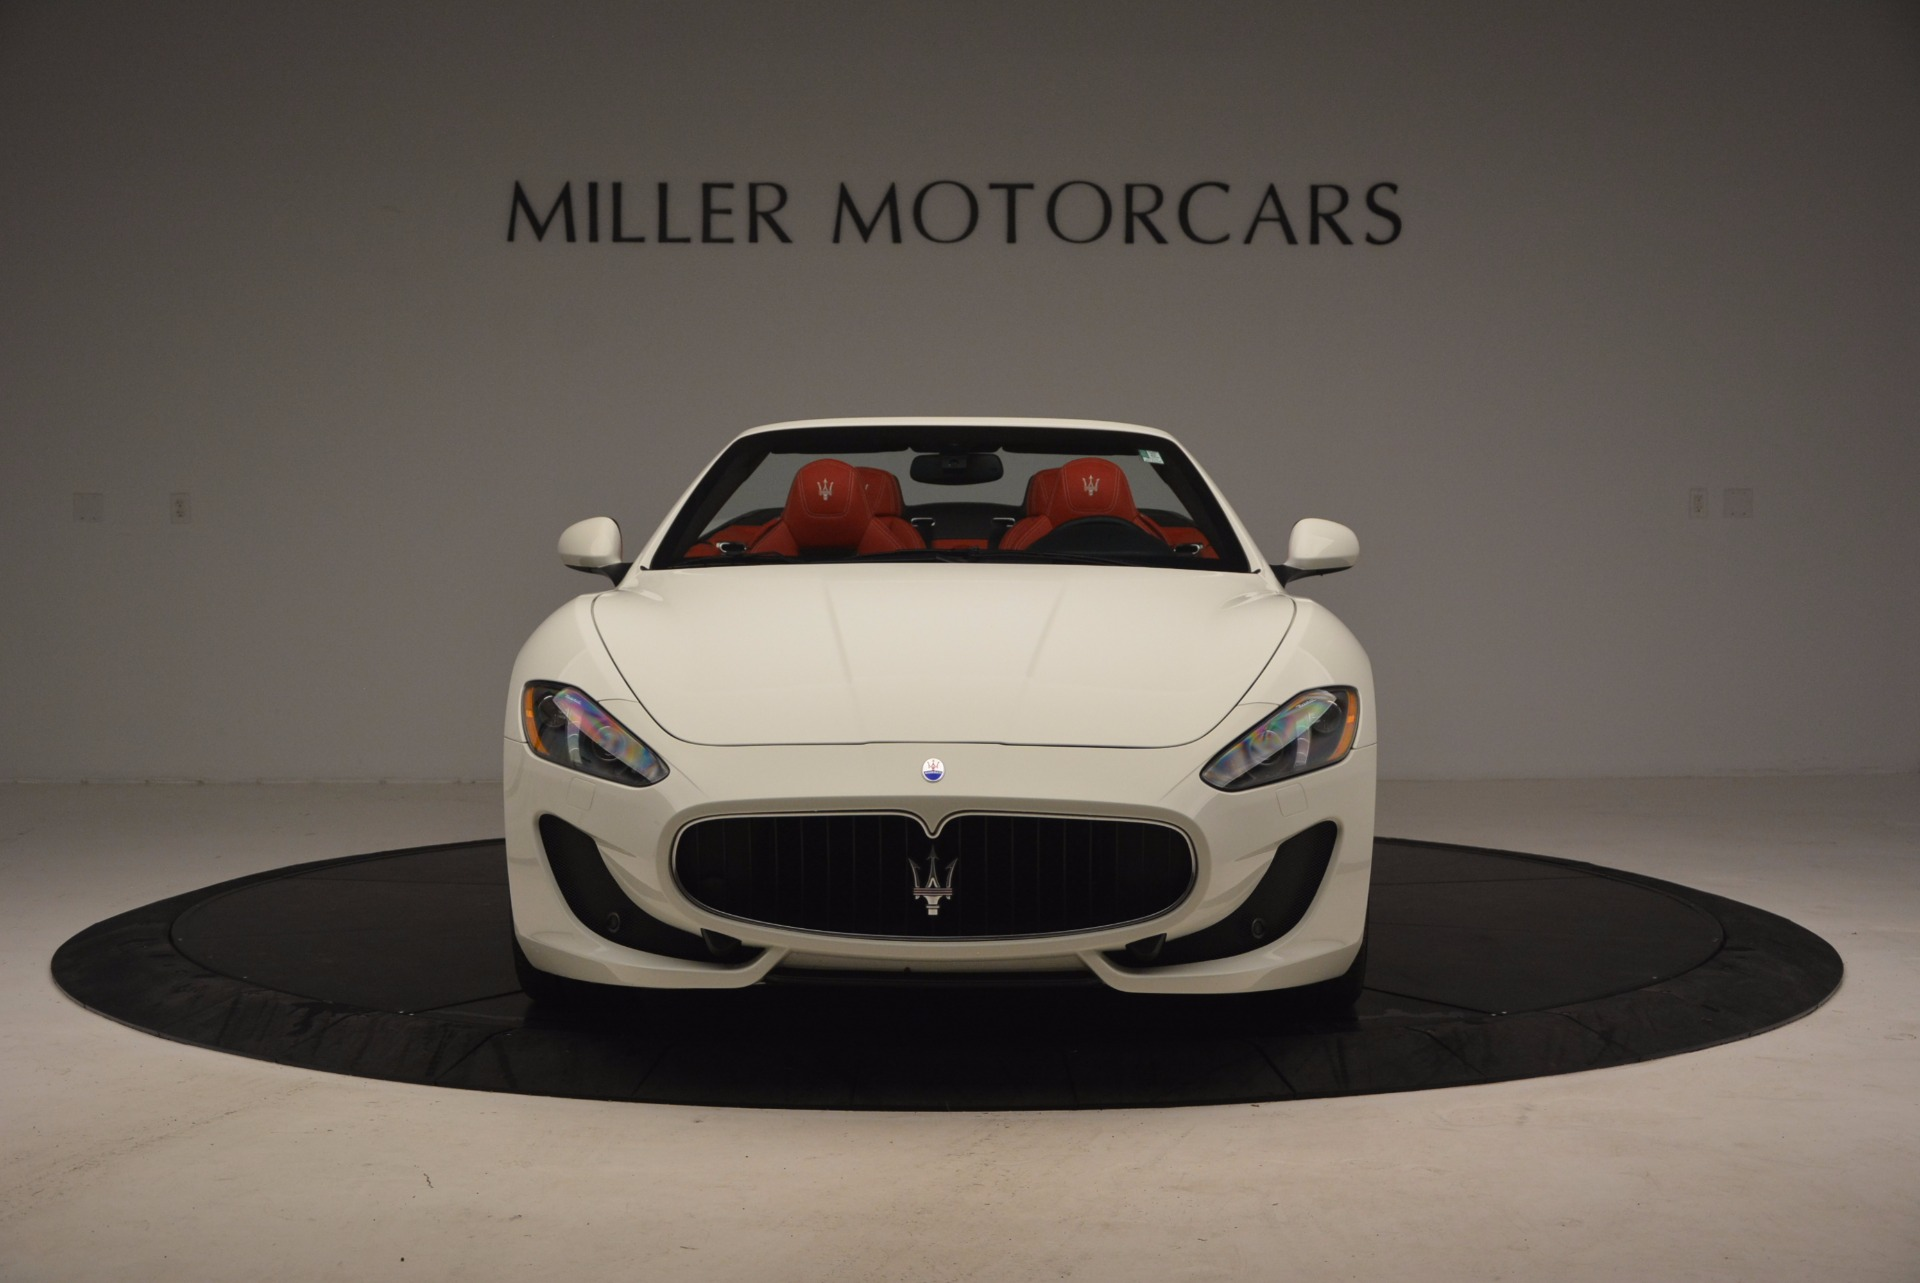 Used 2016 Maserati GranTurismo Sport For Sale In Greenwich, CT 1100_p12